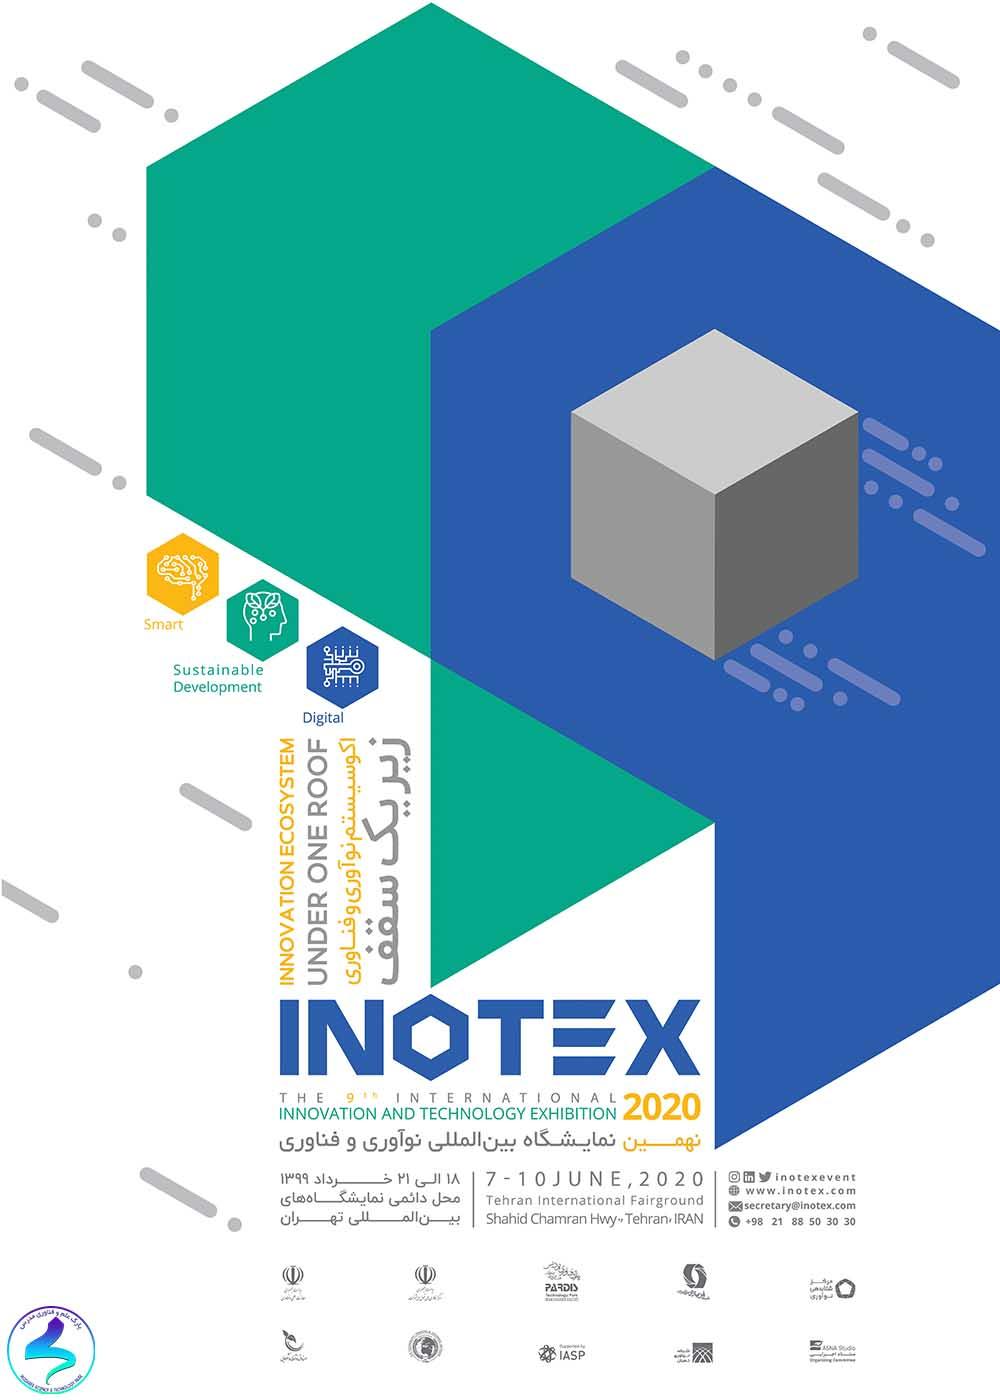 نهمین نمایشگاه بینالمللی نوآوری و فناوری اینوتکس